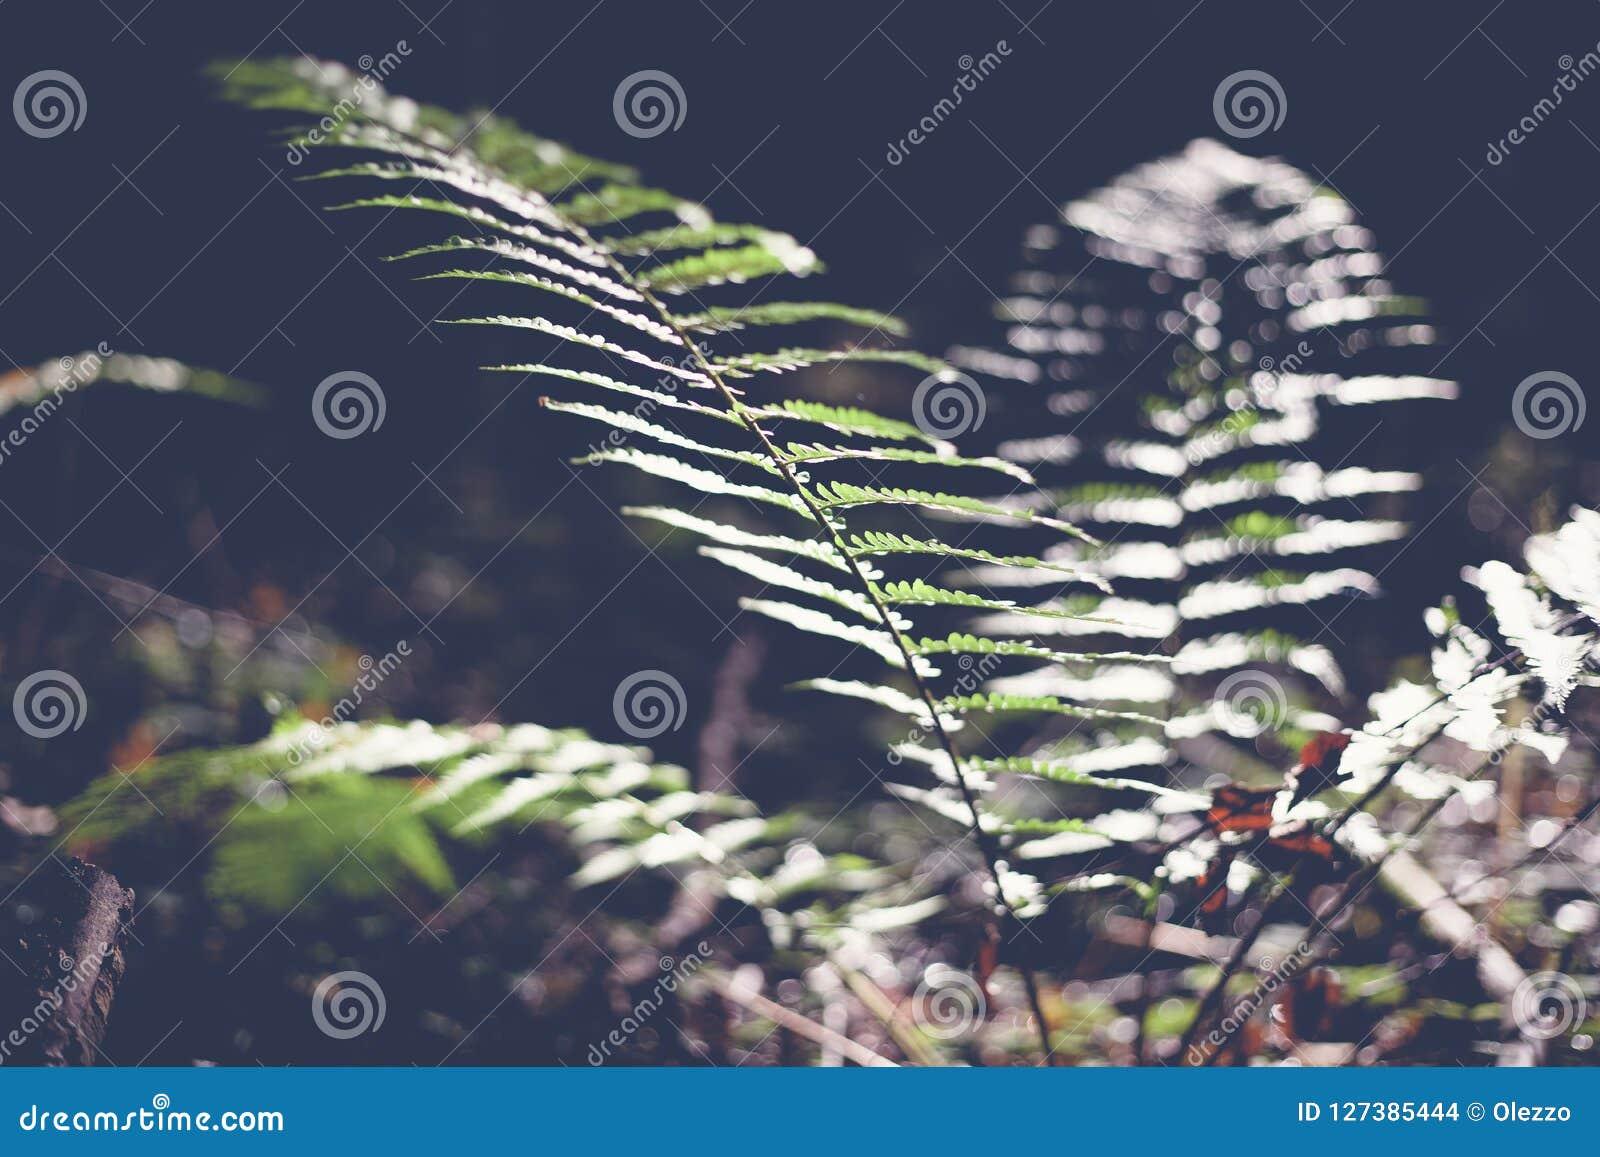 Grön bladormbunke, abstrakt naturlig bakgrund och textur i mörker